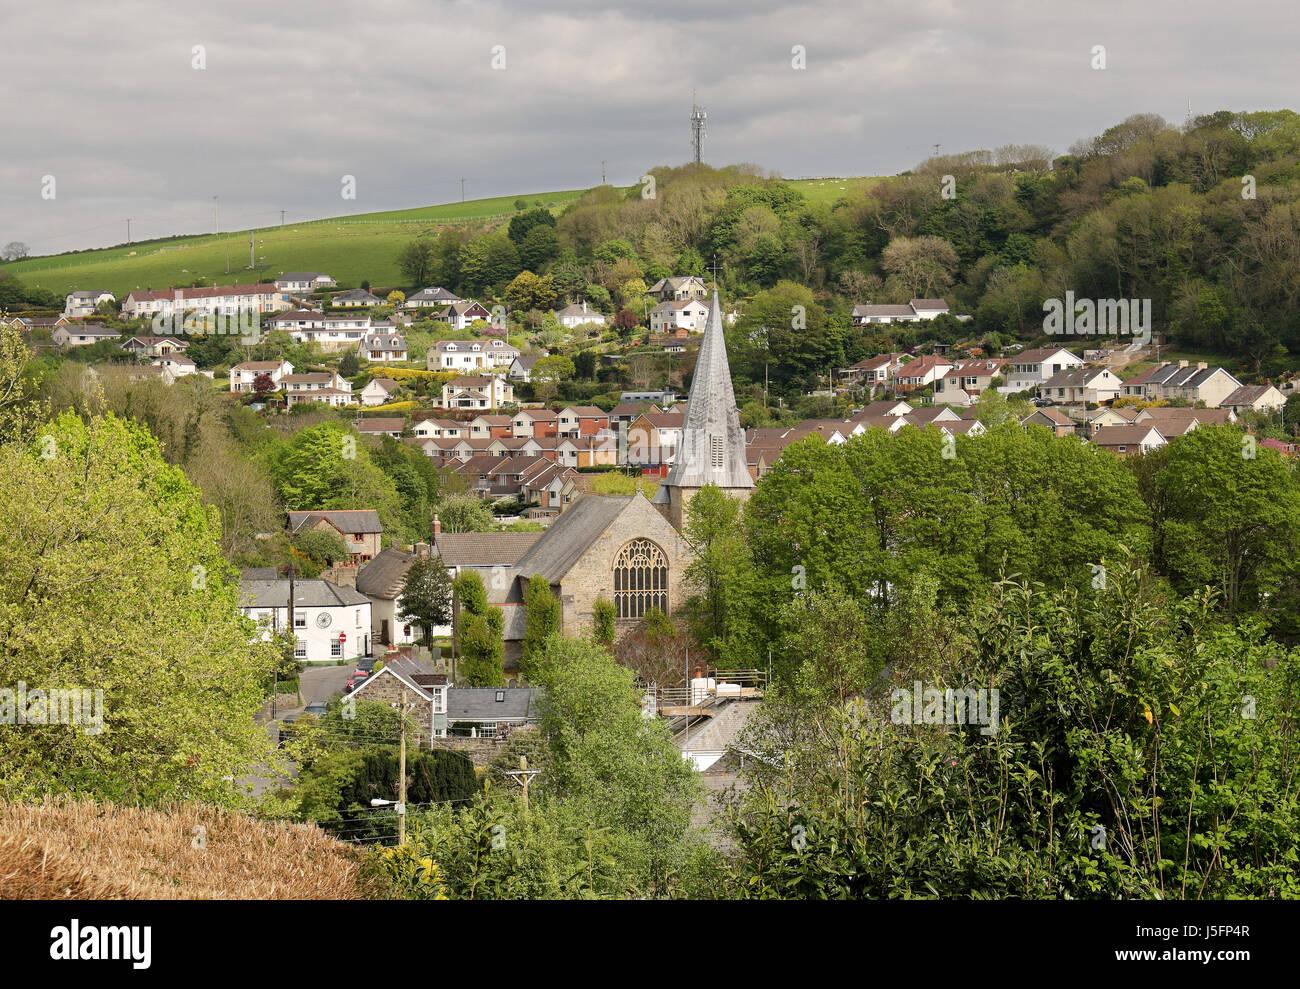 The Village of Braunton in North Devon, UK - Stock Image